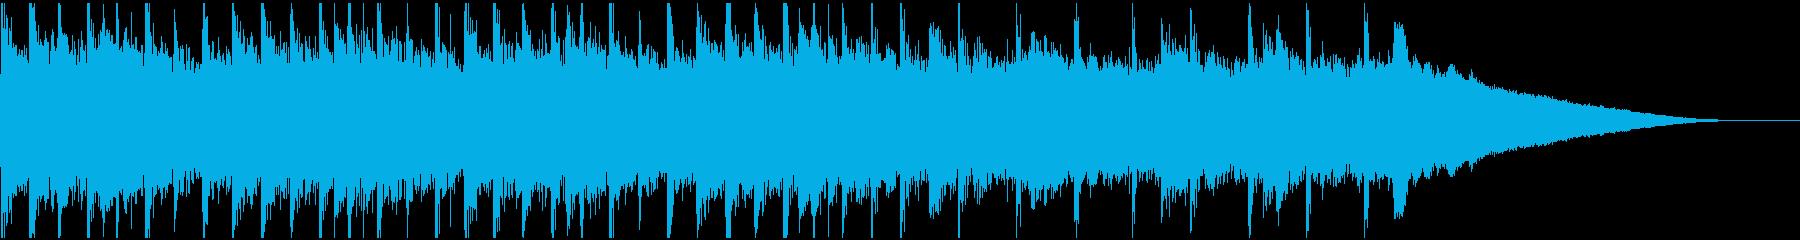 30秒,企業VP29コーポレート,軽快の再生済みの波形